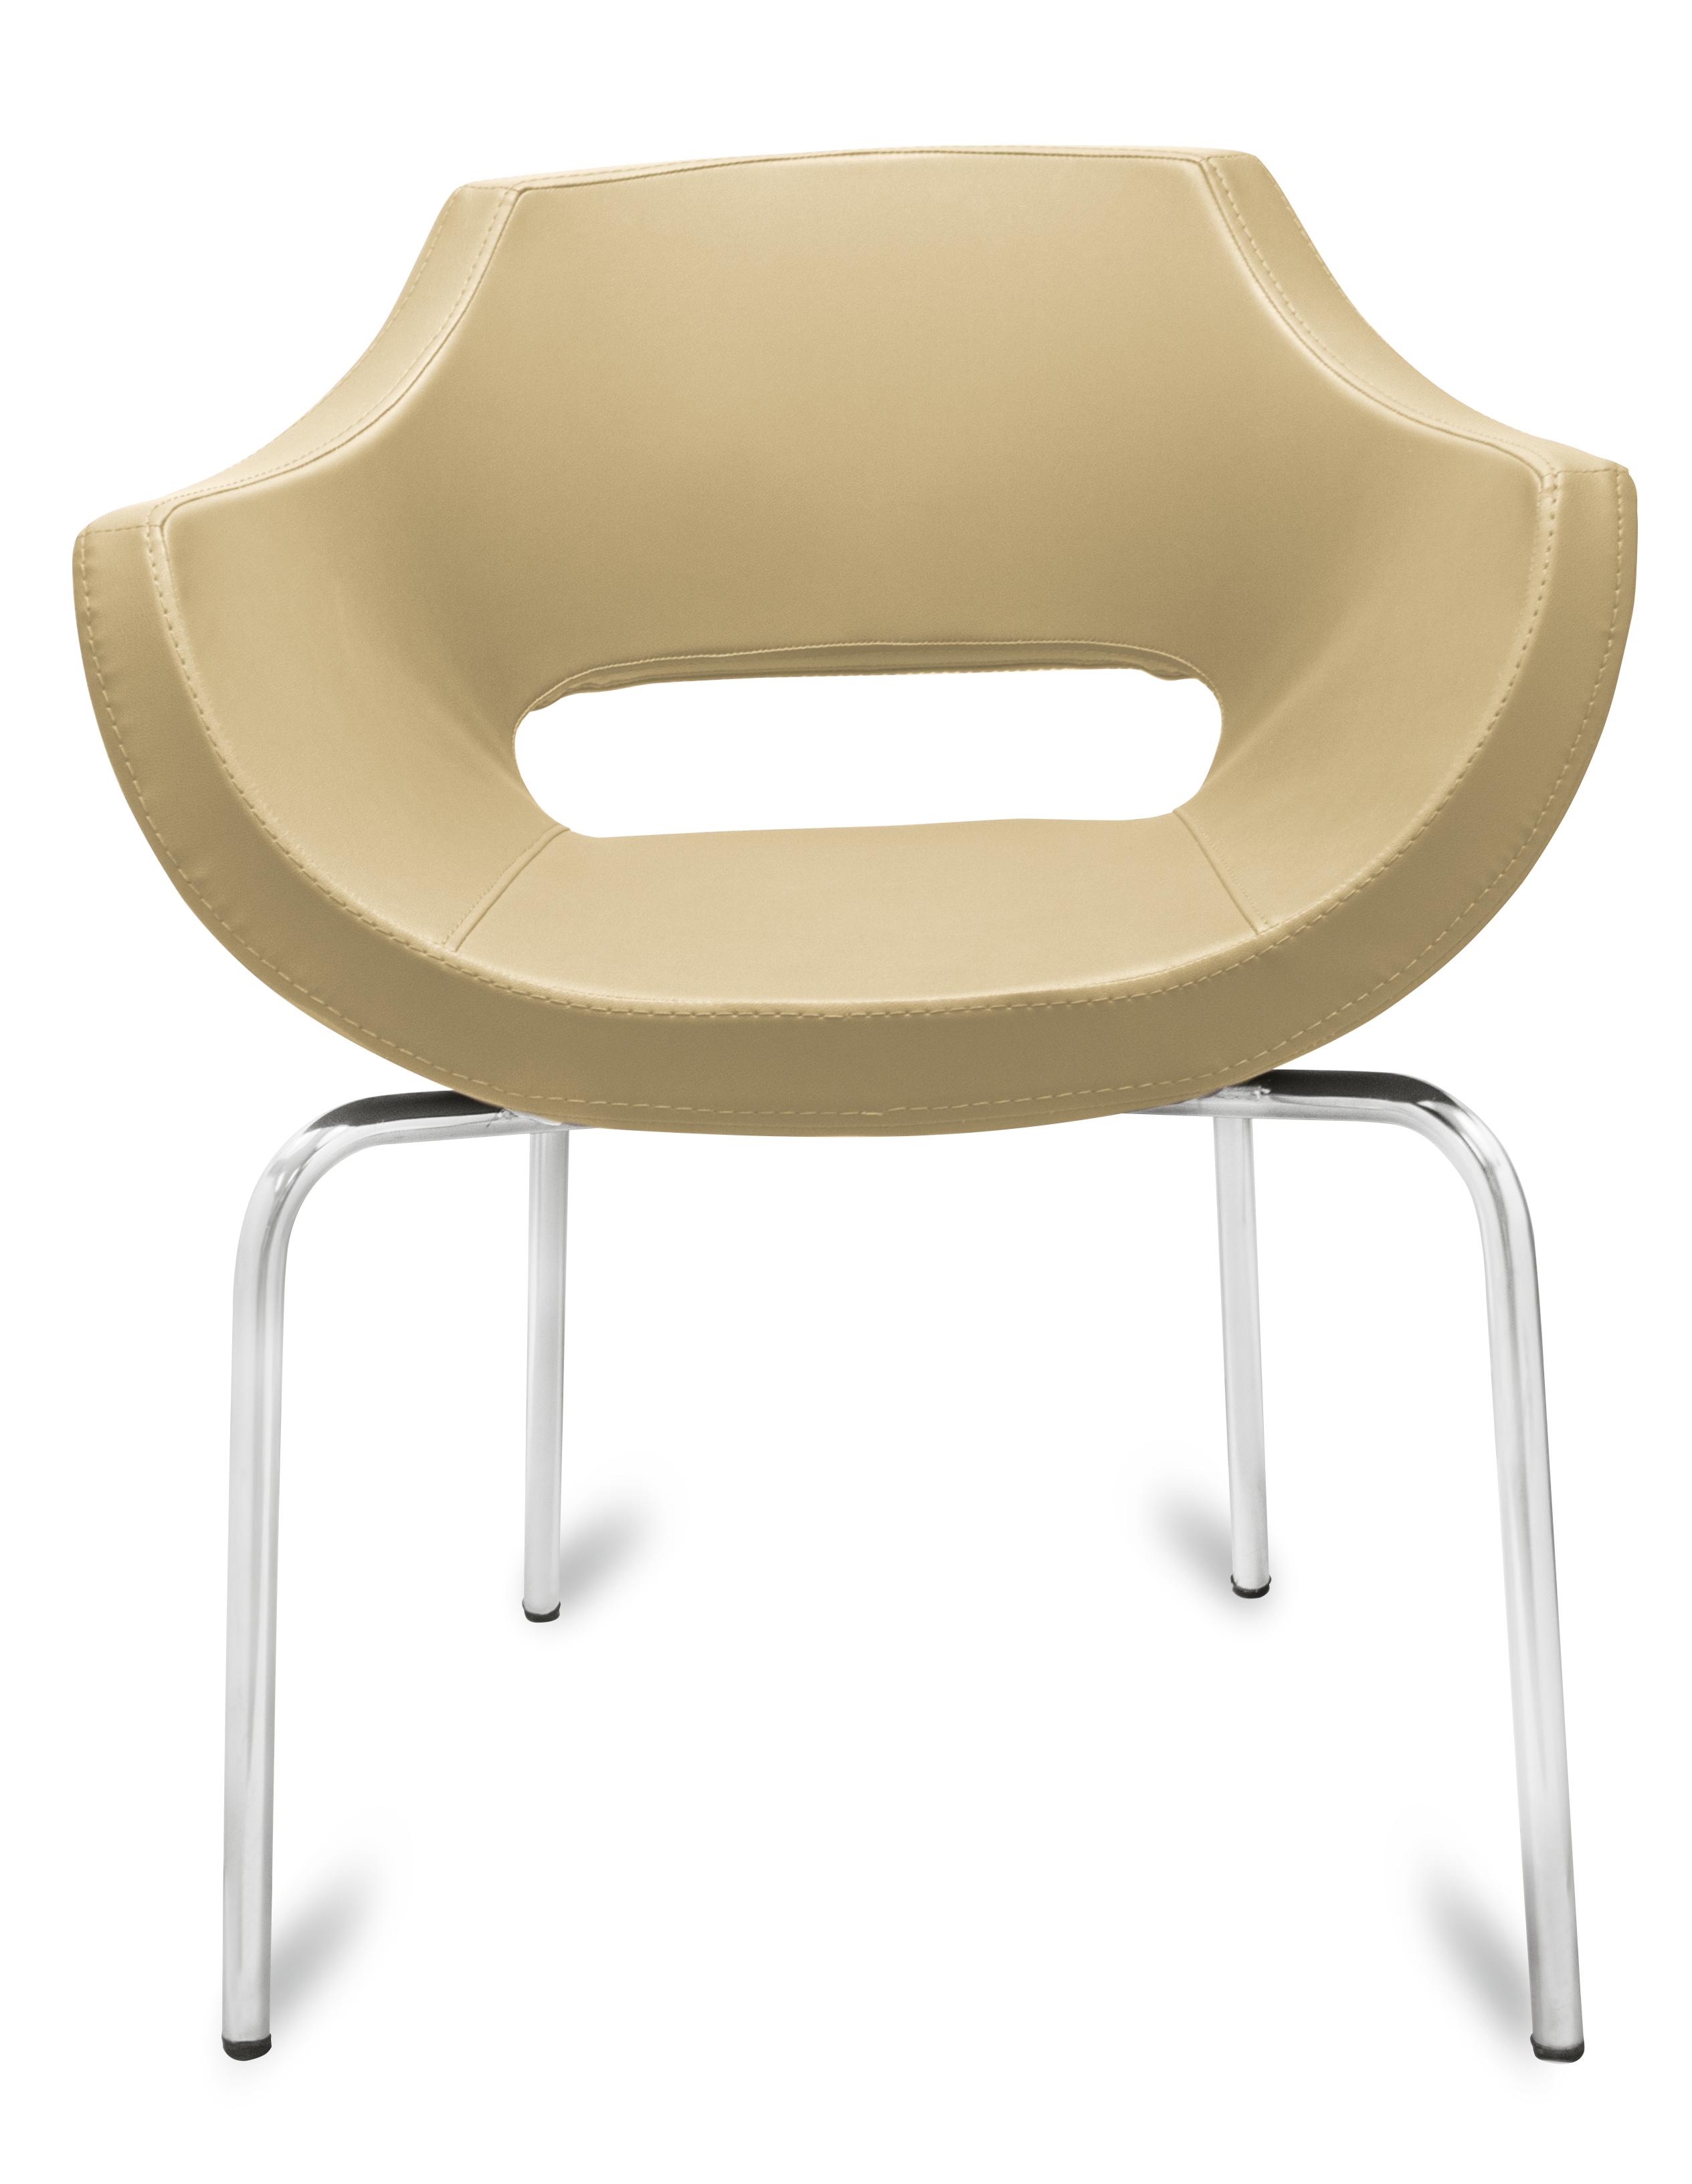 gastro stuhl excellent mattis der gastrostuhl von schnieder bietet with gastro stuhl sit. Black Bedroom Furniture Sets. Home Design Ideas